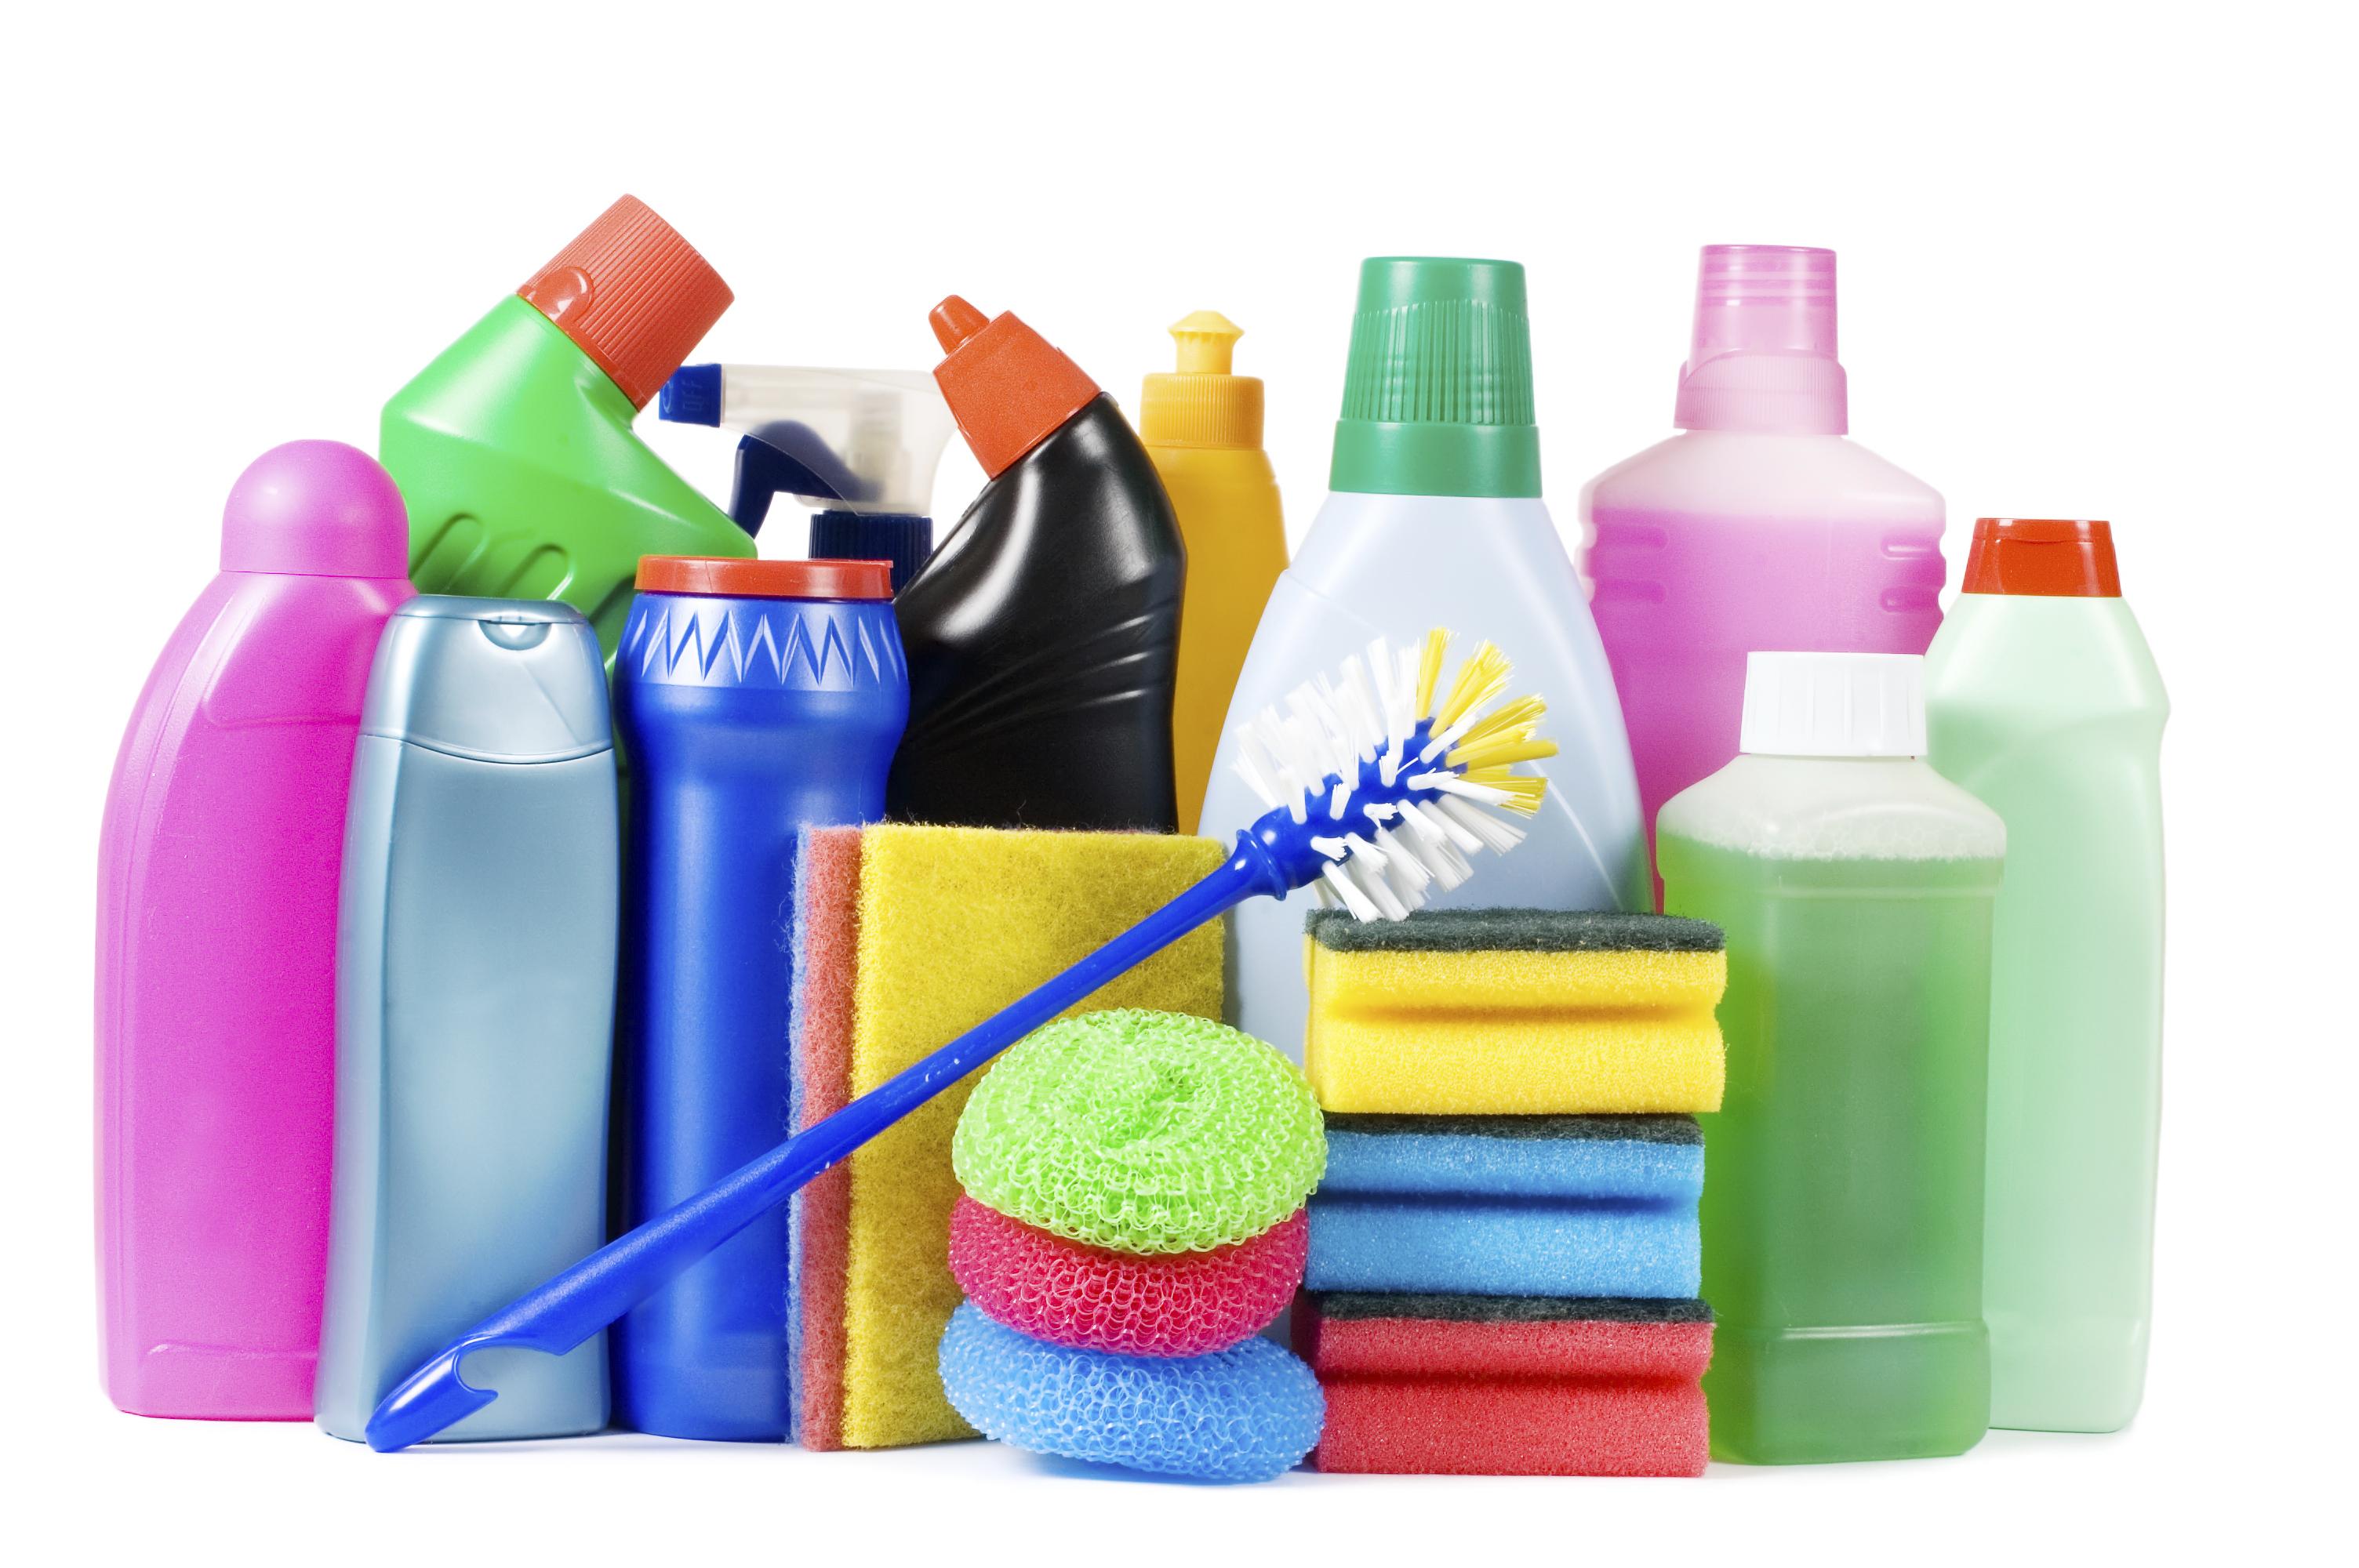 Для порядка в доме купите средства для его уборки